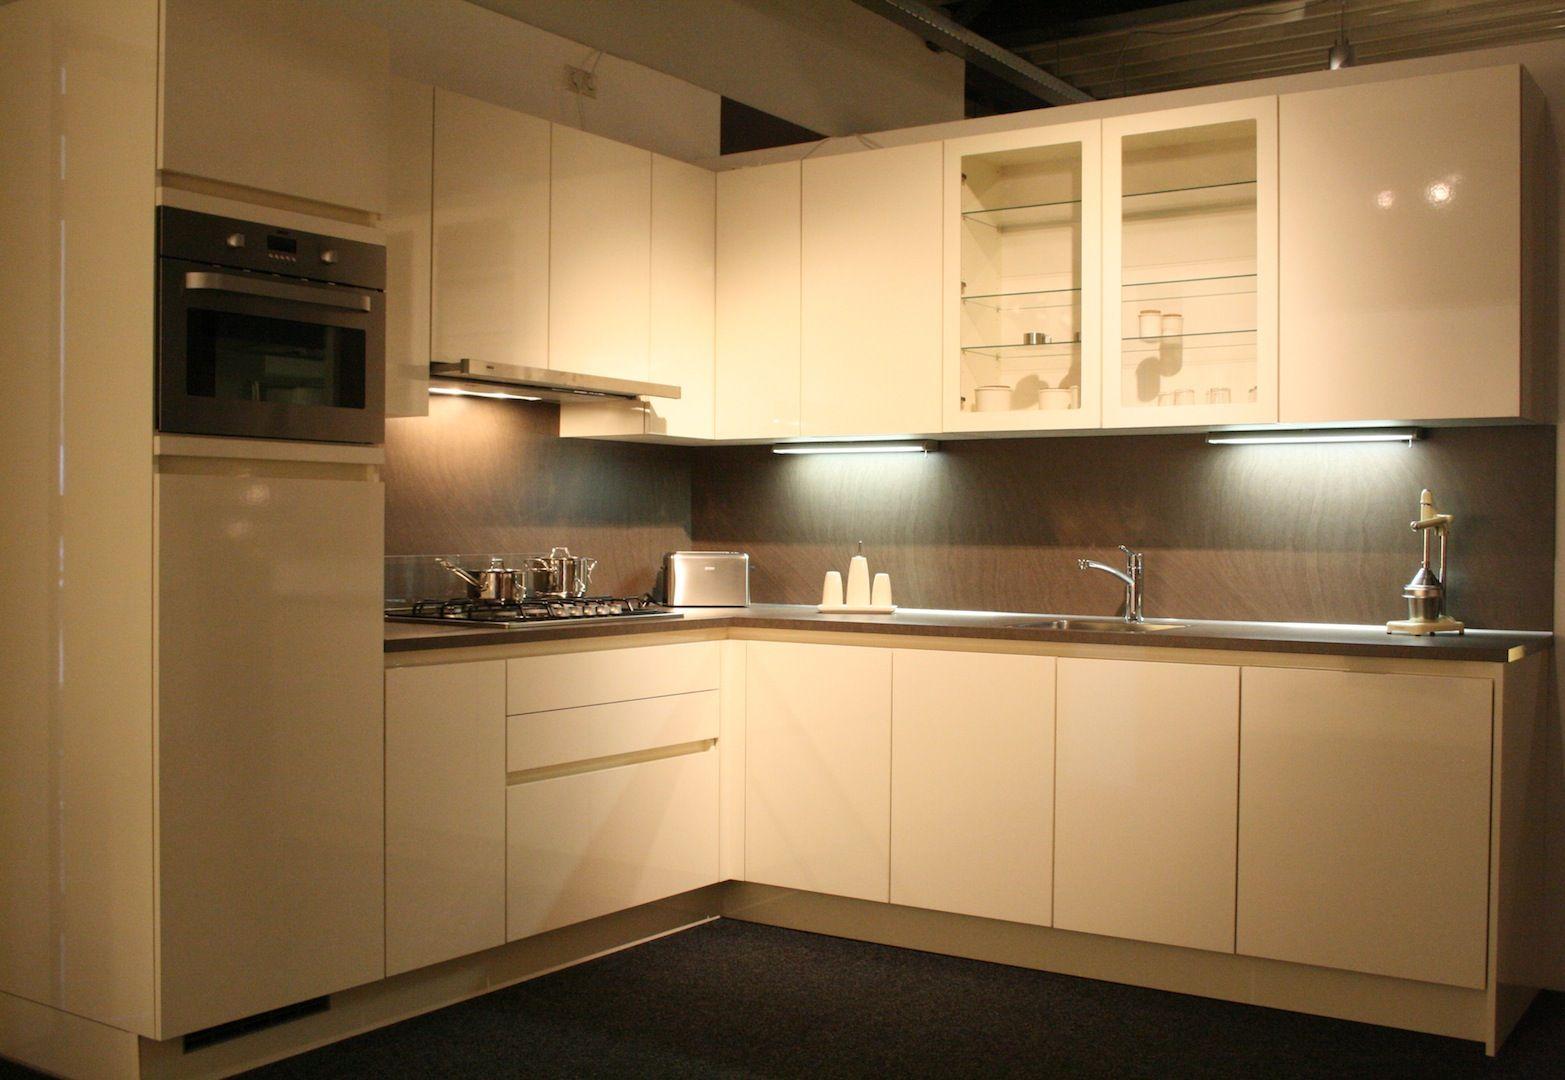 Design Keukens Opruiming : Keukens voor zeer lage keuken prijzen grote ...